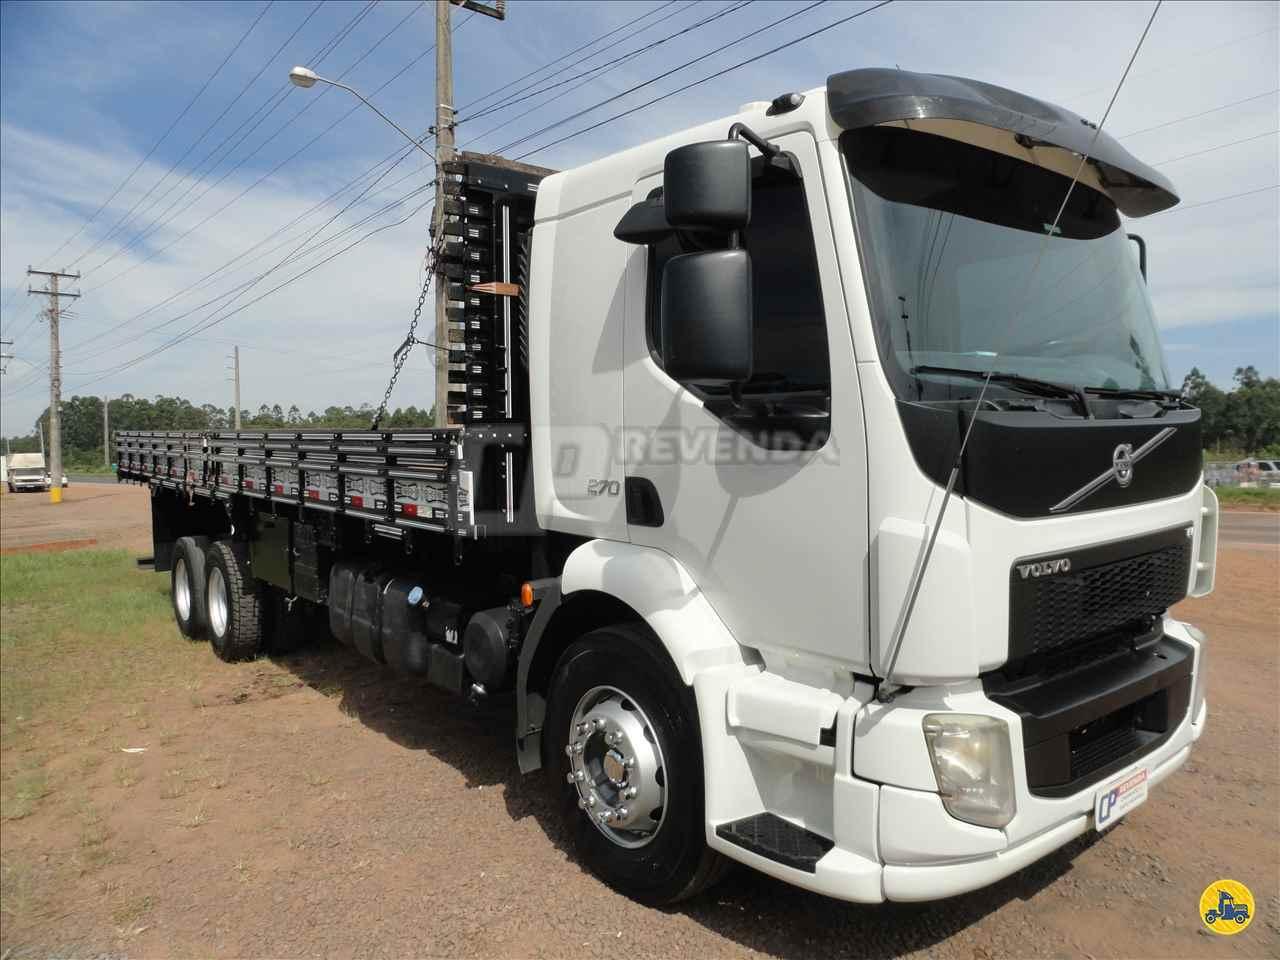 CAMINHAO VOLVO VOLVO VM 270 Carga Seca Truck 6x2 CP Revenda BOM PRINCIPIO RIO GRANDE DO SUL RS